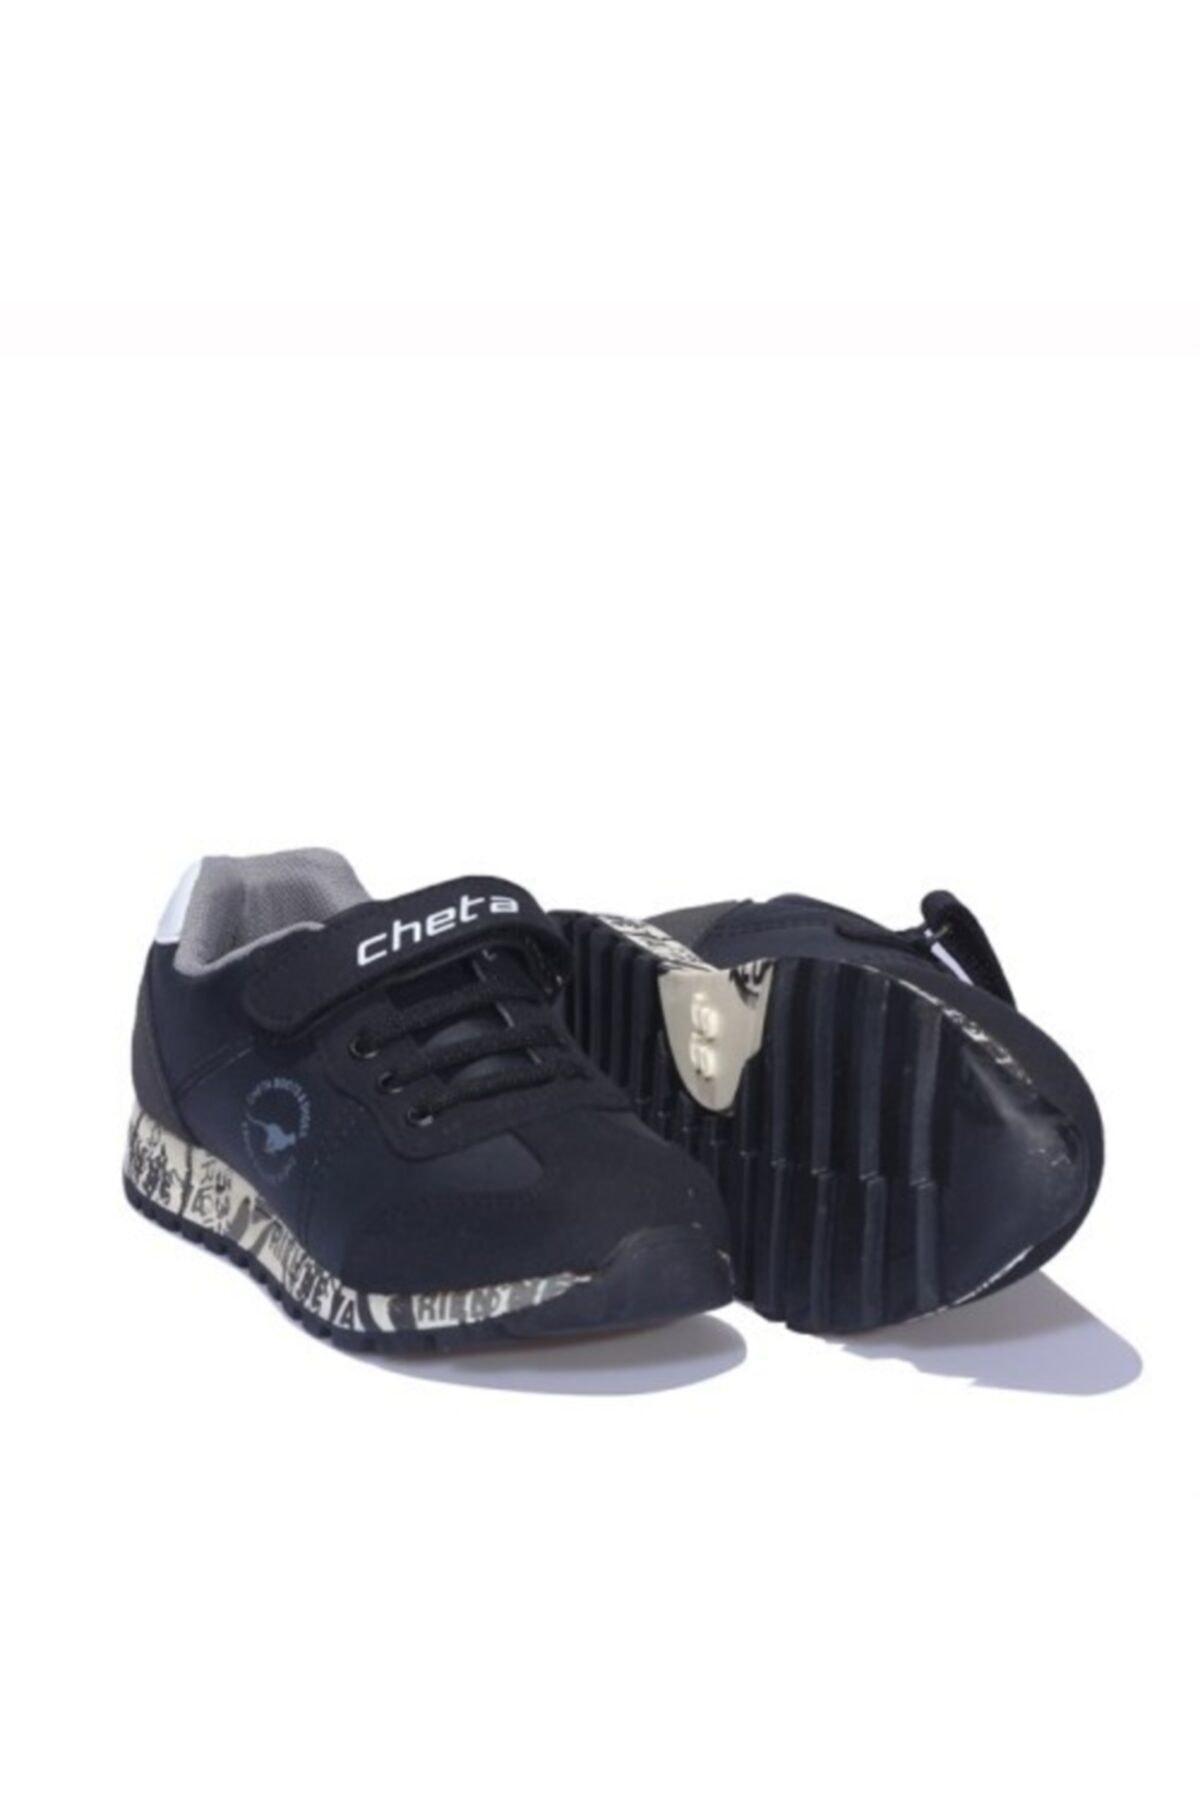 Cheta Siyah Erkek Spor Ayakkabı 1